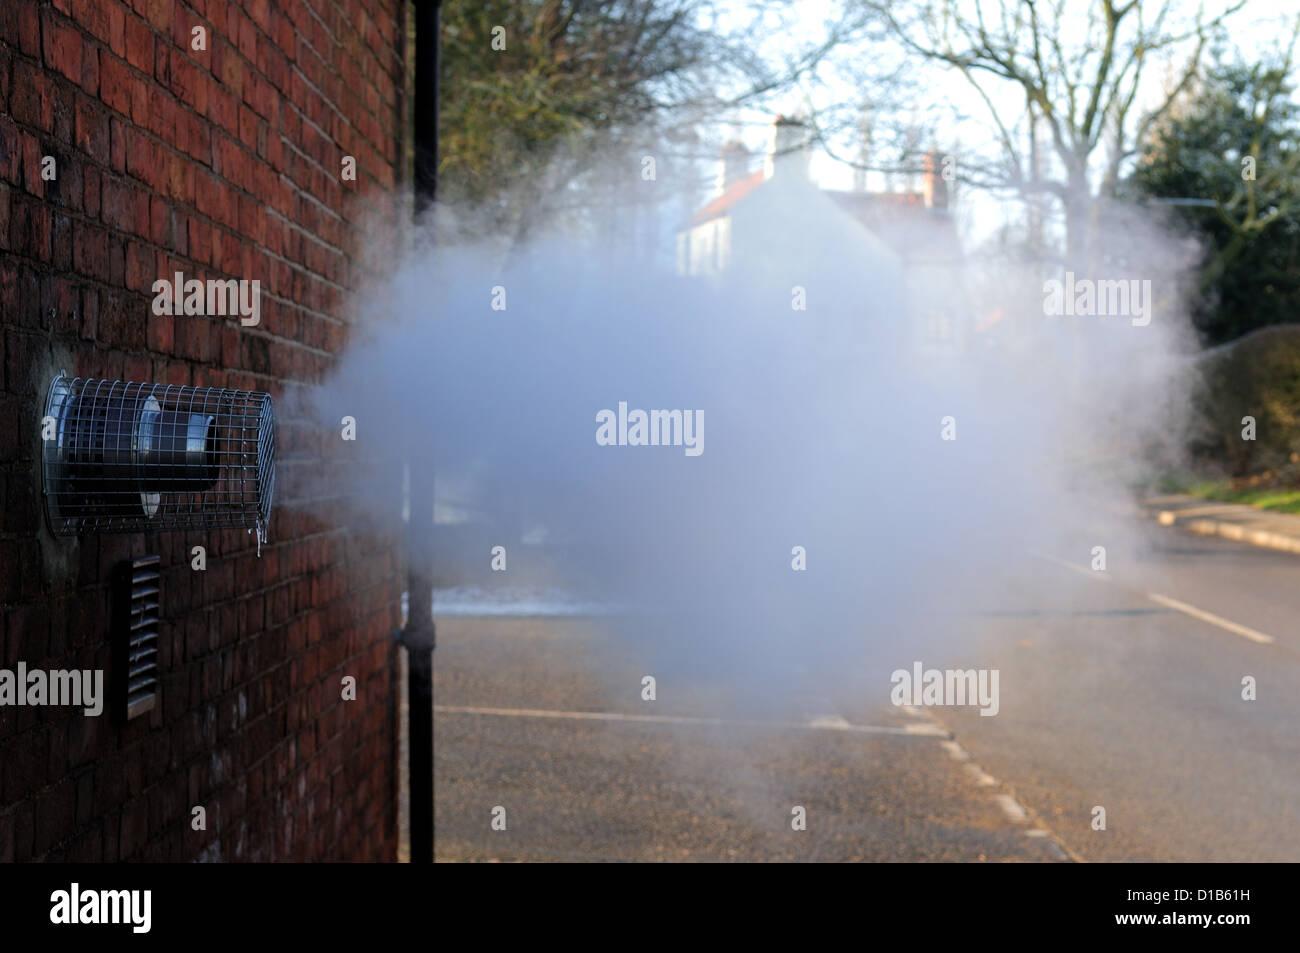 Boiler Vent Stockfotos & Boiler Vent Bilder - Alamy